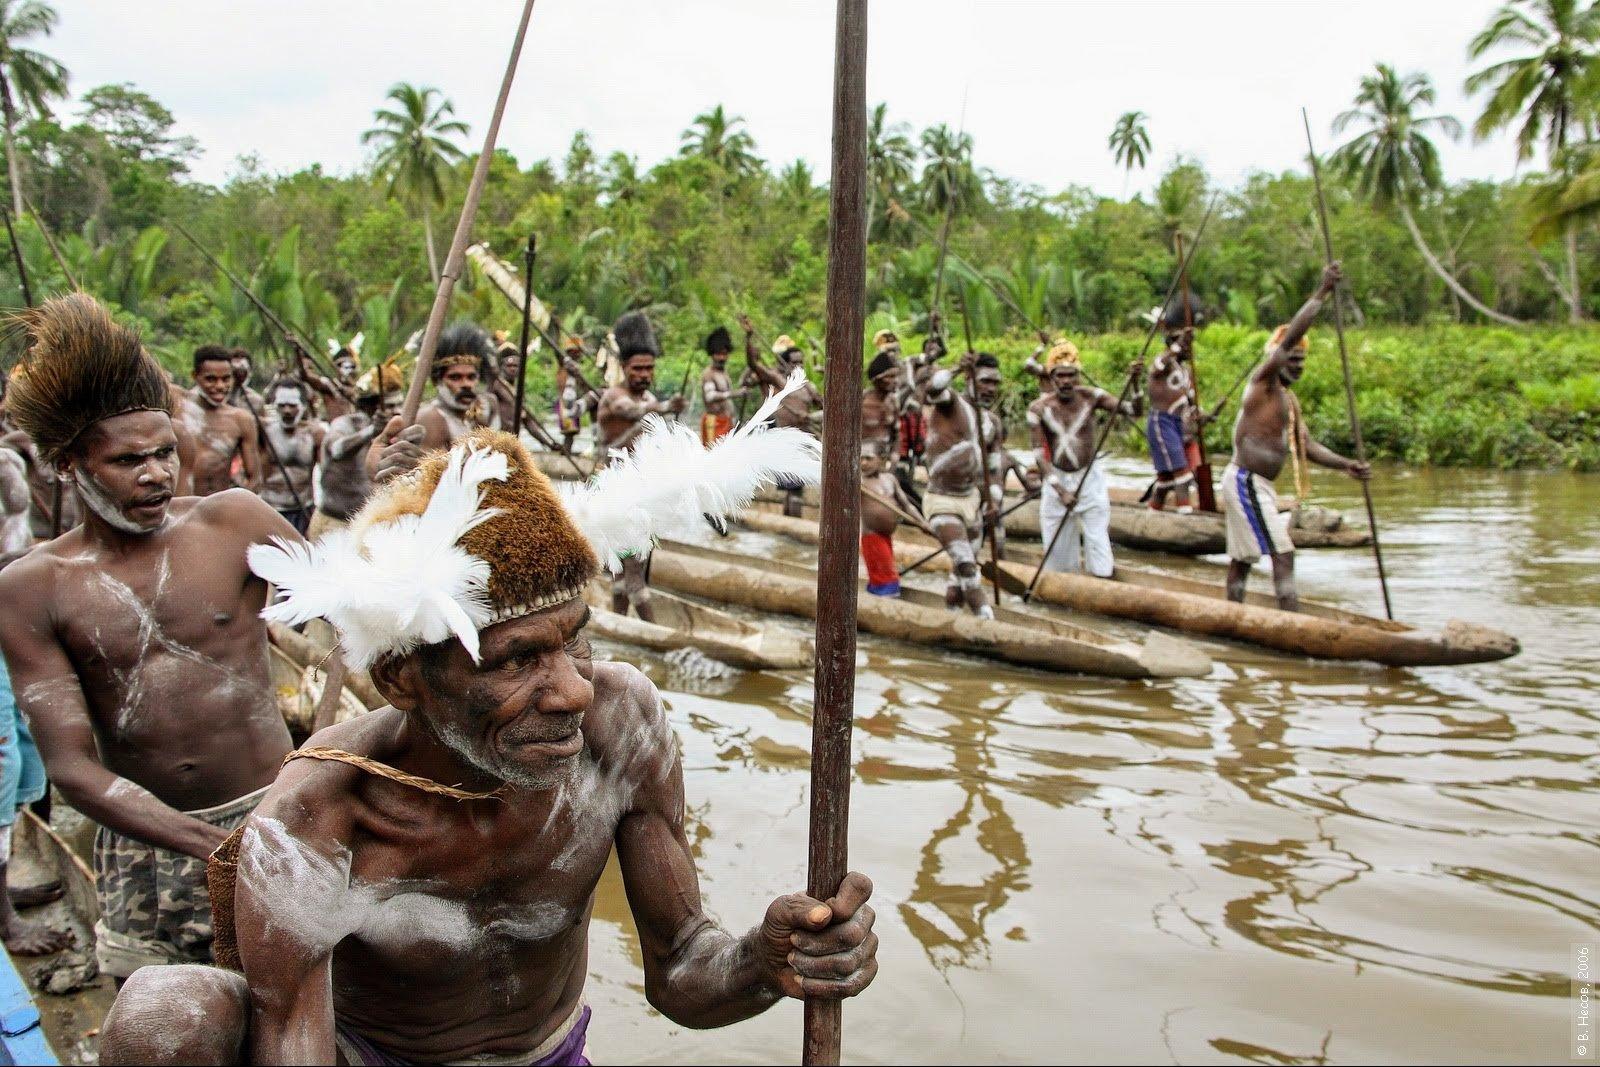 Putovanje Indonezija - Papua - Festival i treking u dolini Baliem (7)